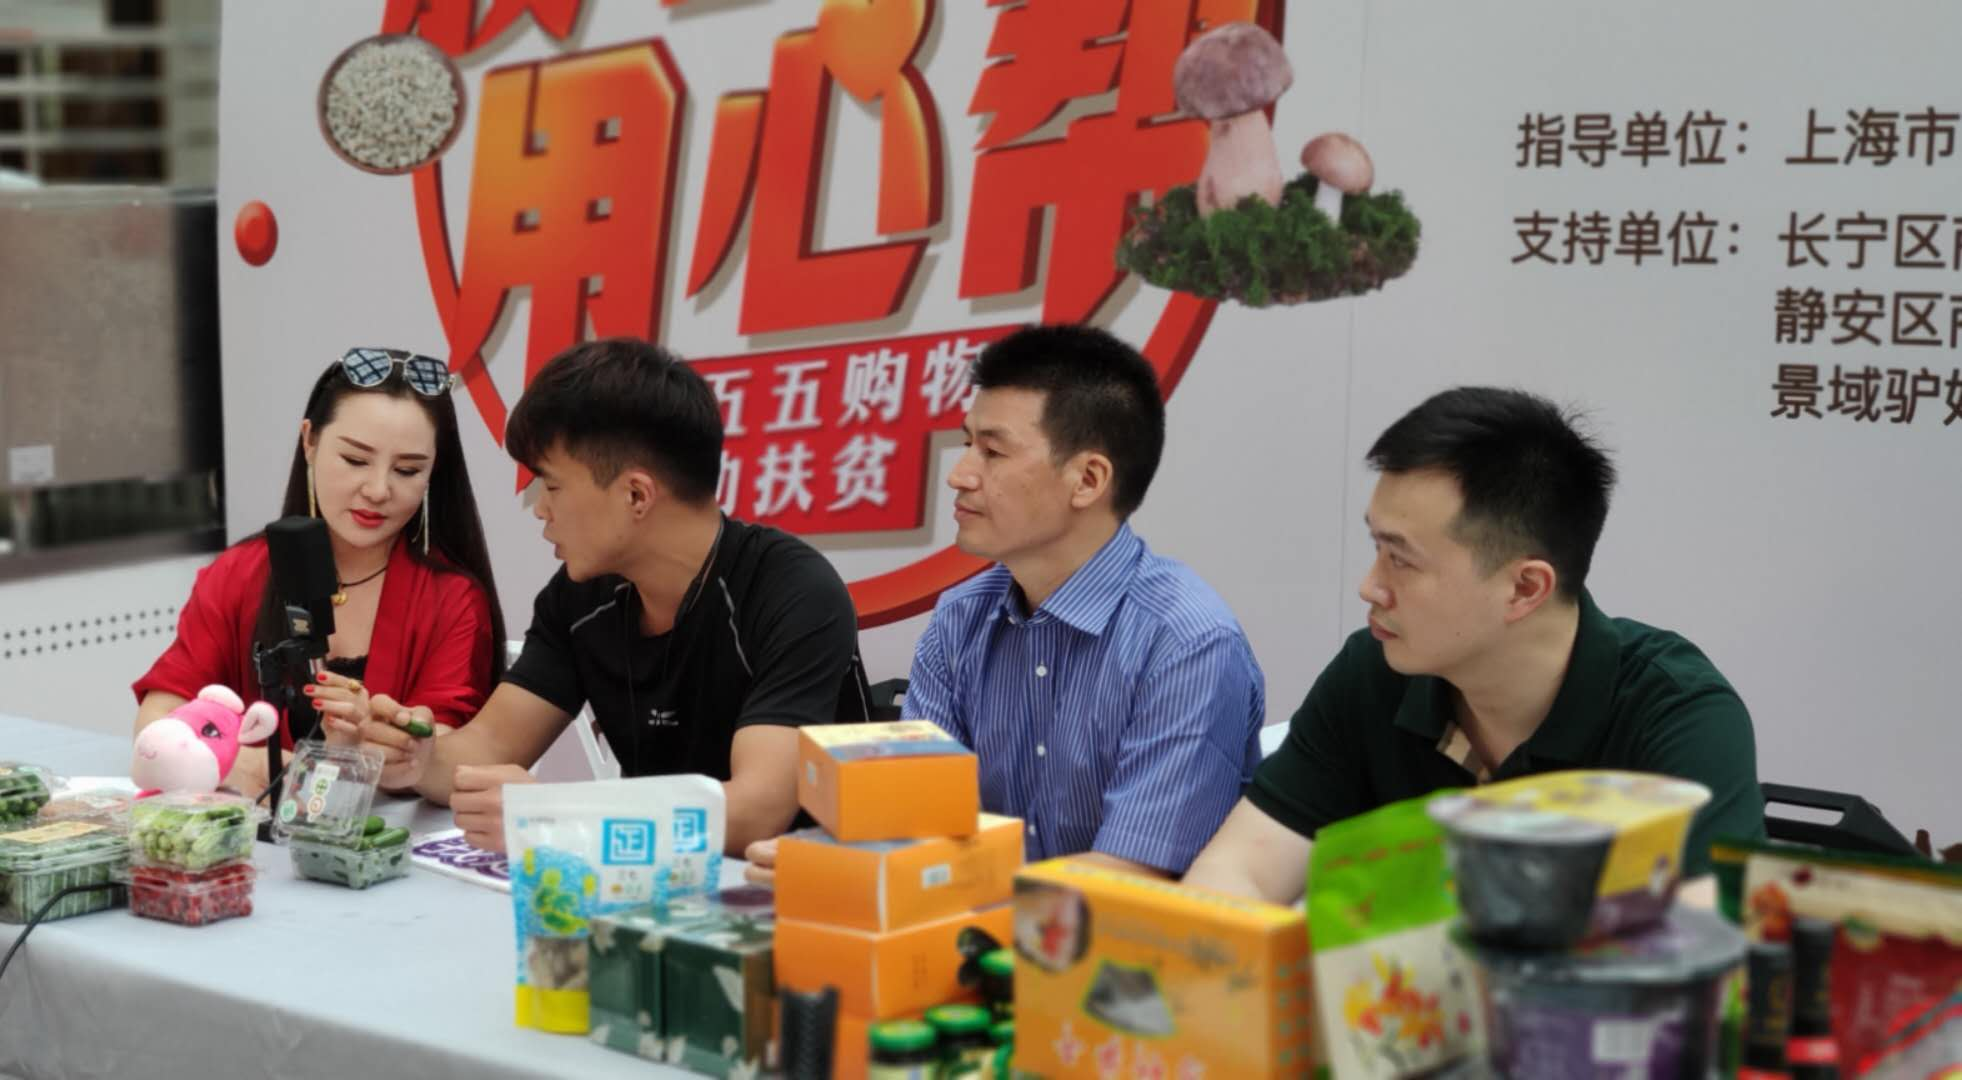 超万吨特色农产品入市,上海老字号和直播带货助力扶贫